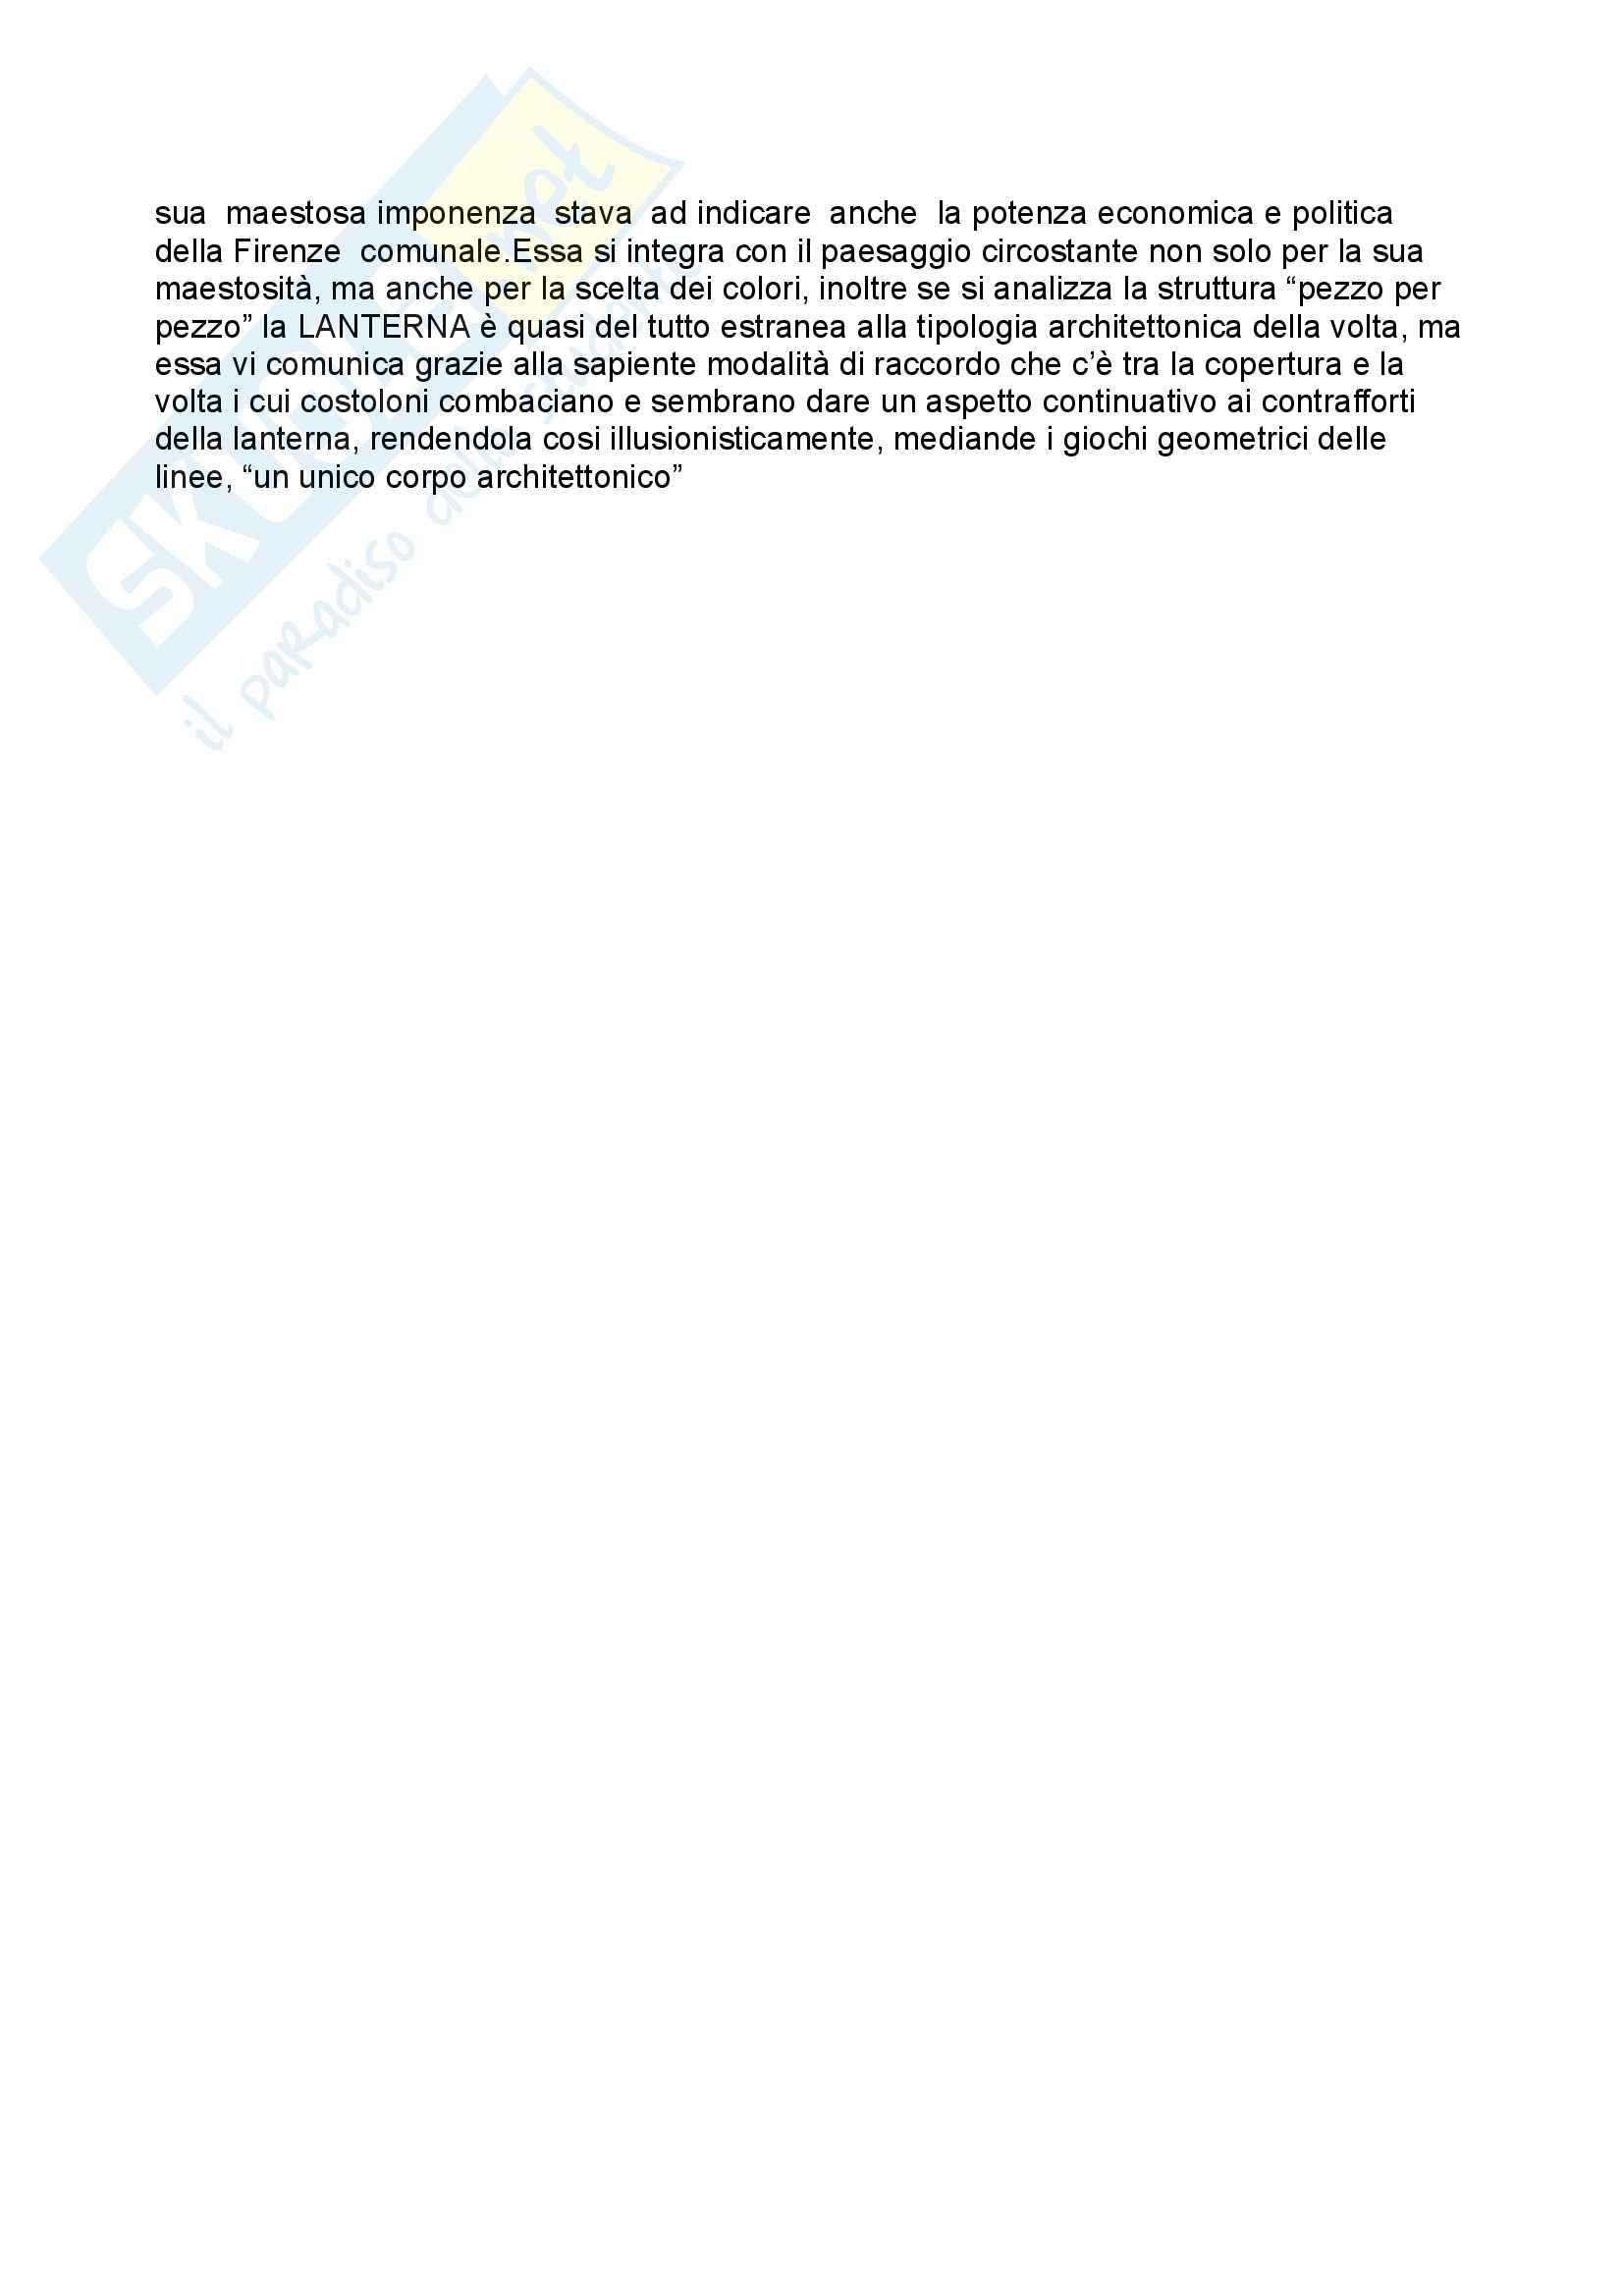 Storia dell'architettura moderna - la cupola del Brunelleschi - Appunti Pag. 6